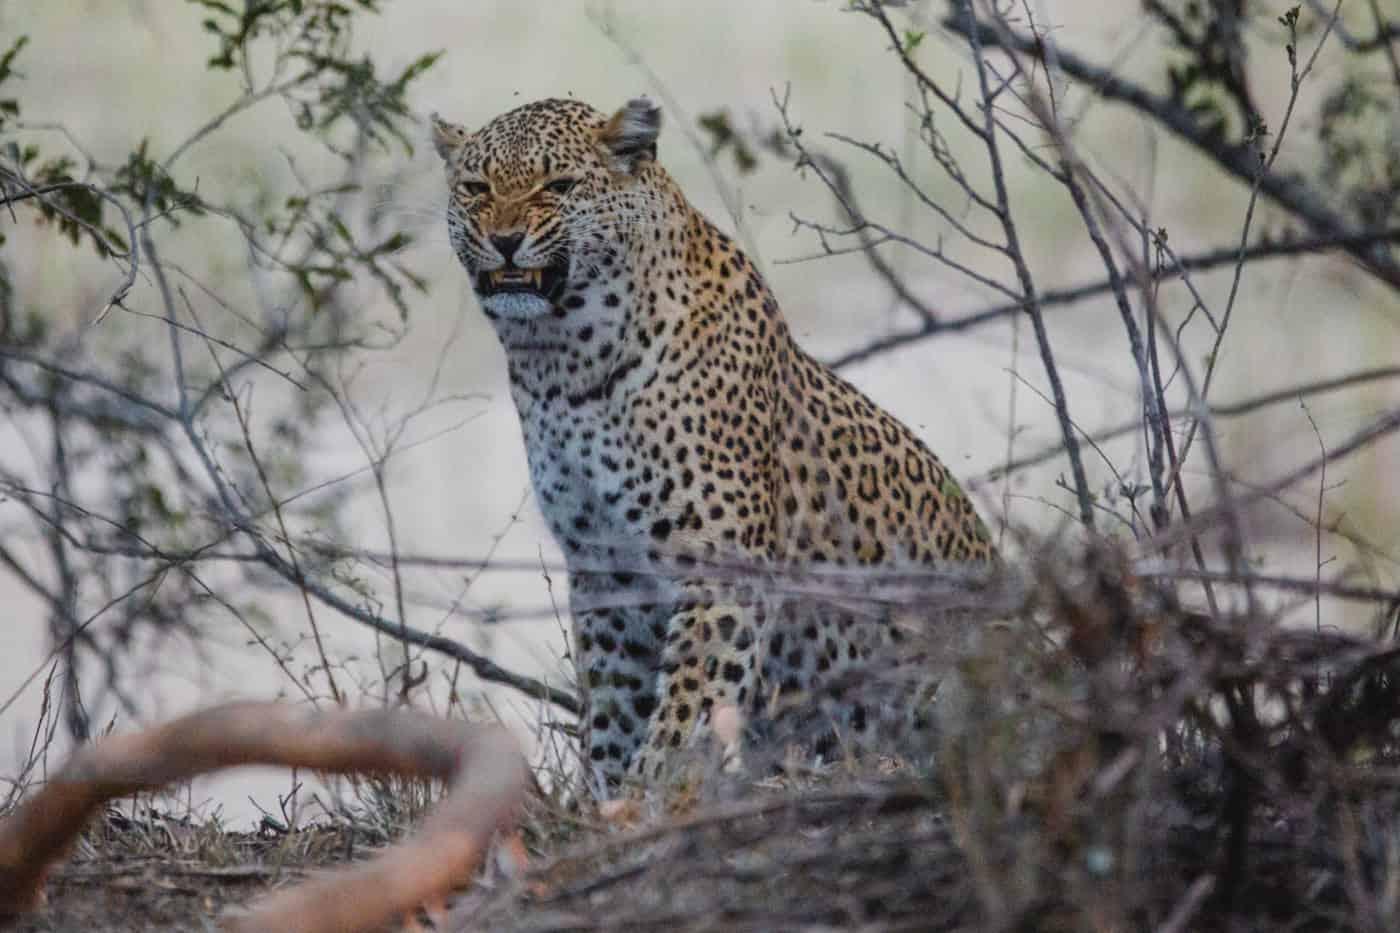 leopard kruger national park south africa